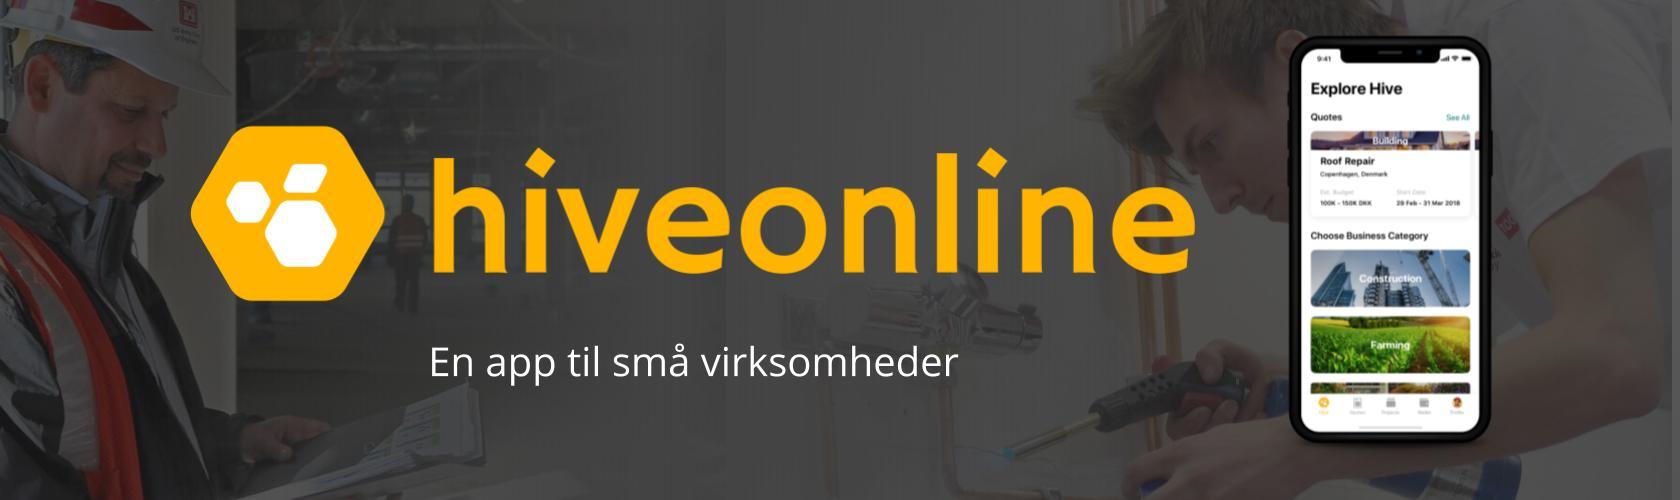 hiveonline en app til smaa virksomheder